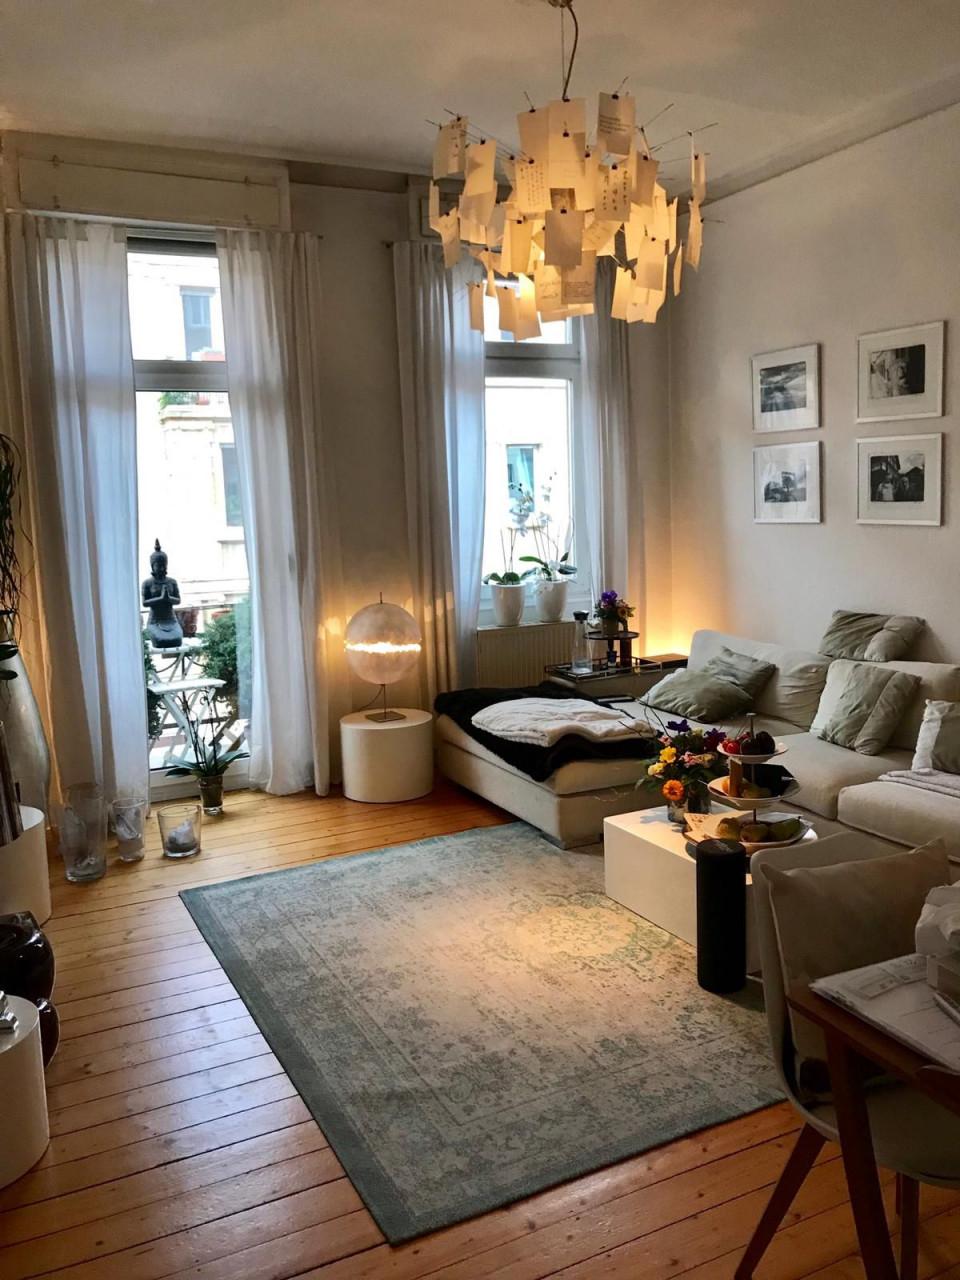 Gemütliches Wgwohnzimmer  Wohnzimmer Einrichten Wohnung von Gemütliches Wohnzimmer Einrichten Bild